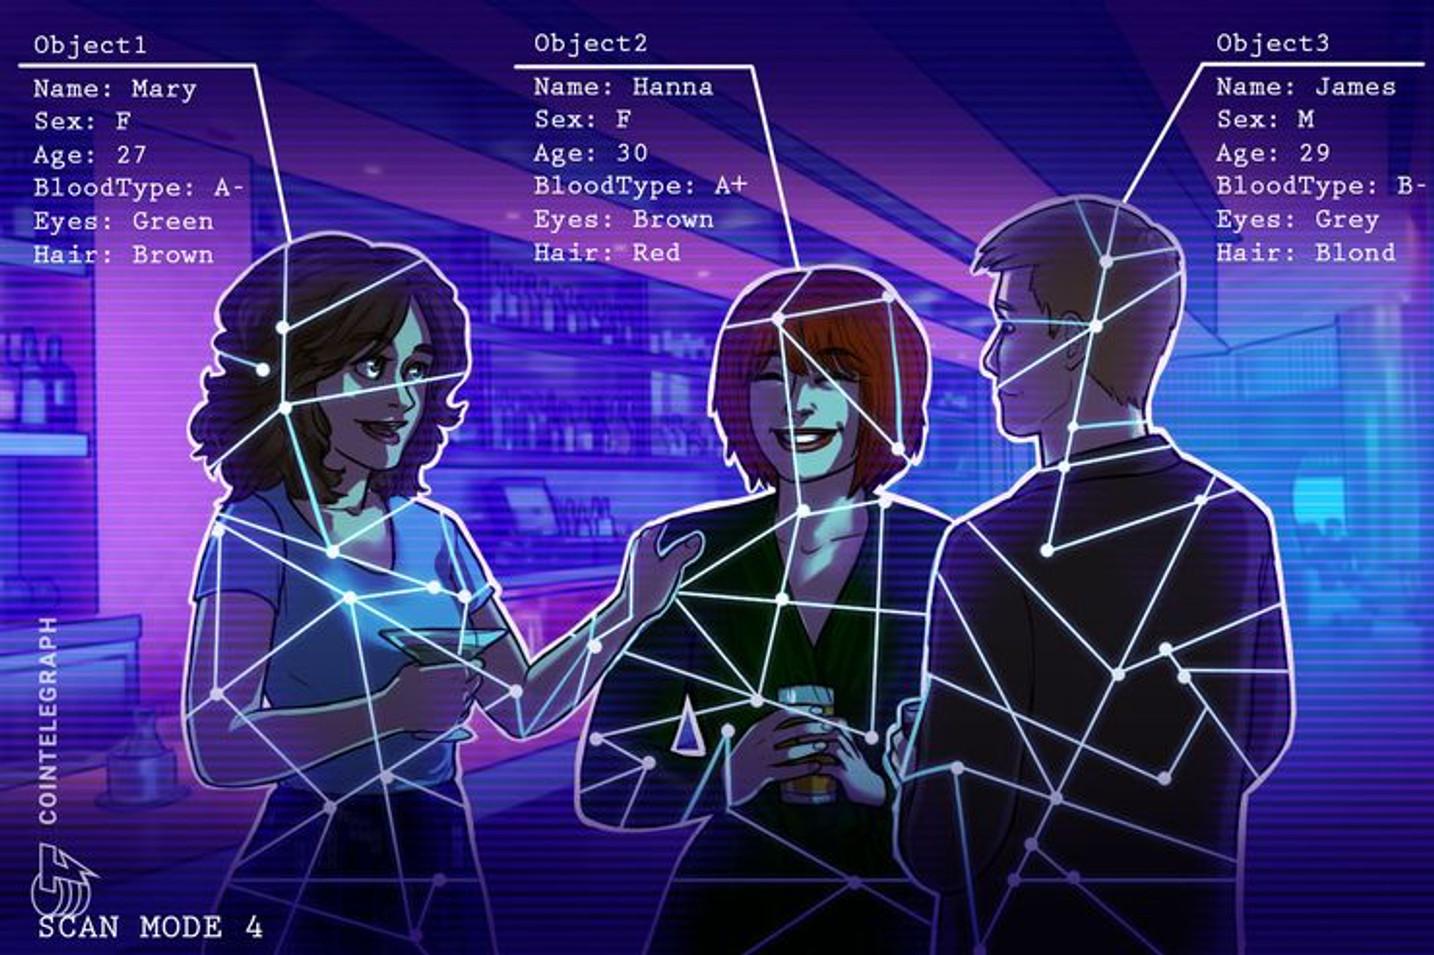 Uruguay: Analizaron la importancia de la identidad digital durante Labitconf 2019